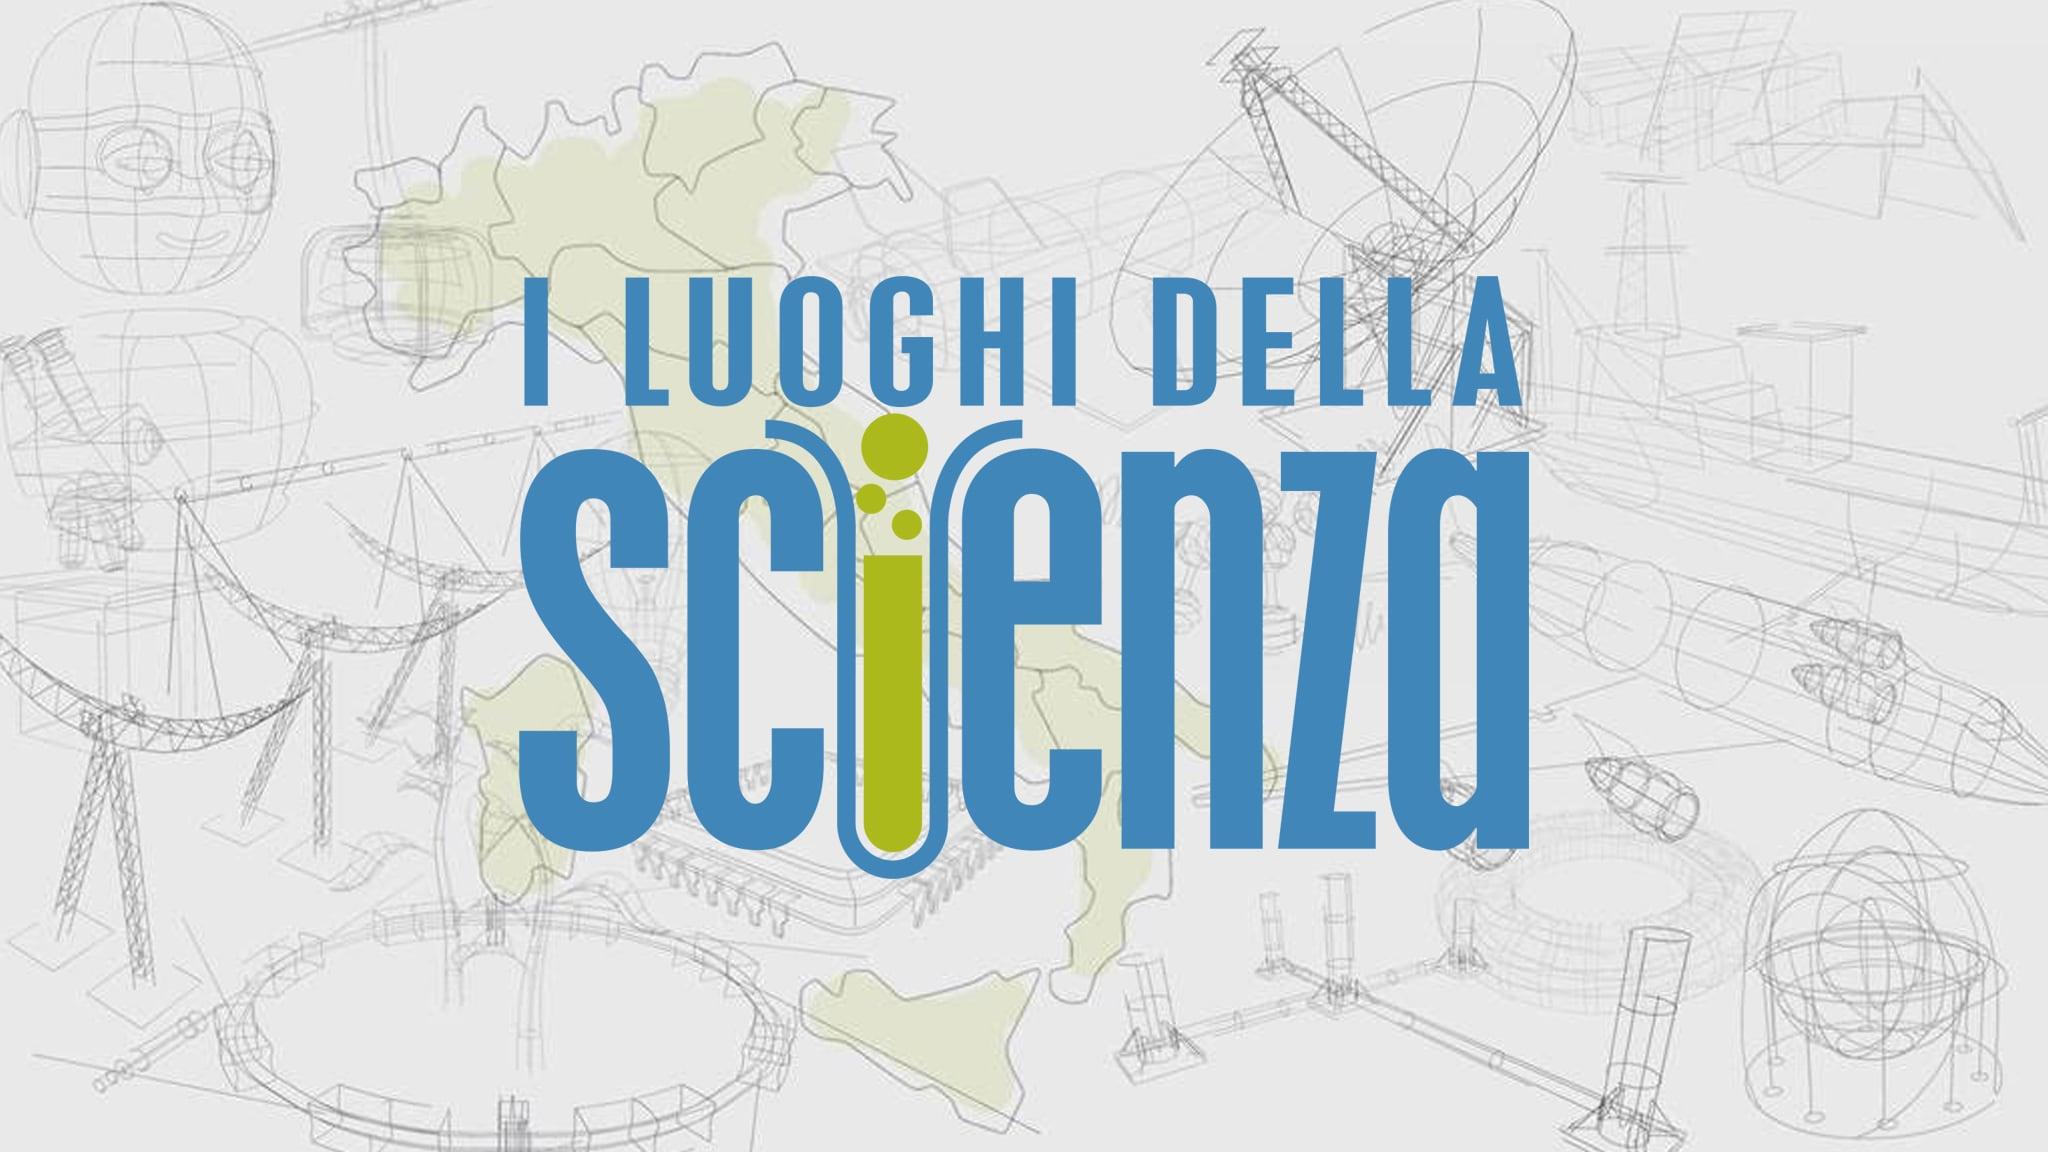 Rai Scuola Memex I luoghi della scienza - Puntata 5